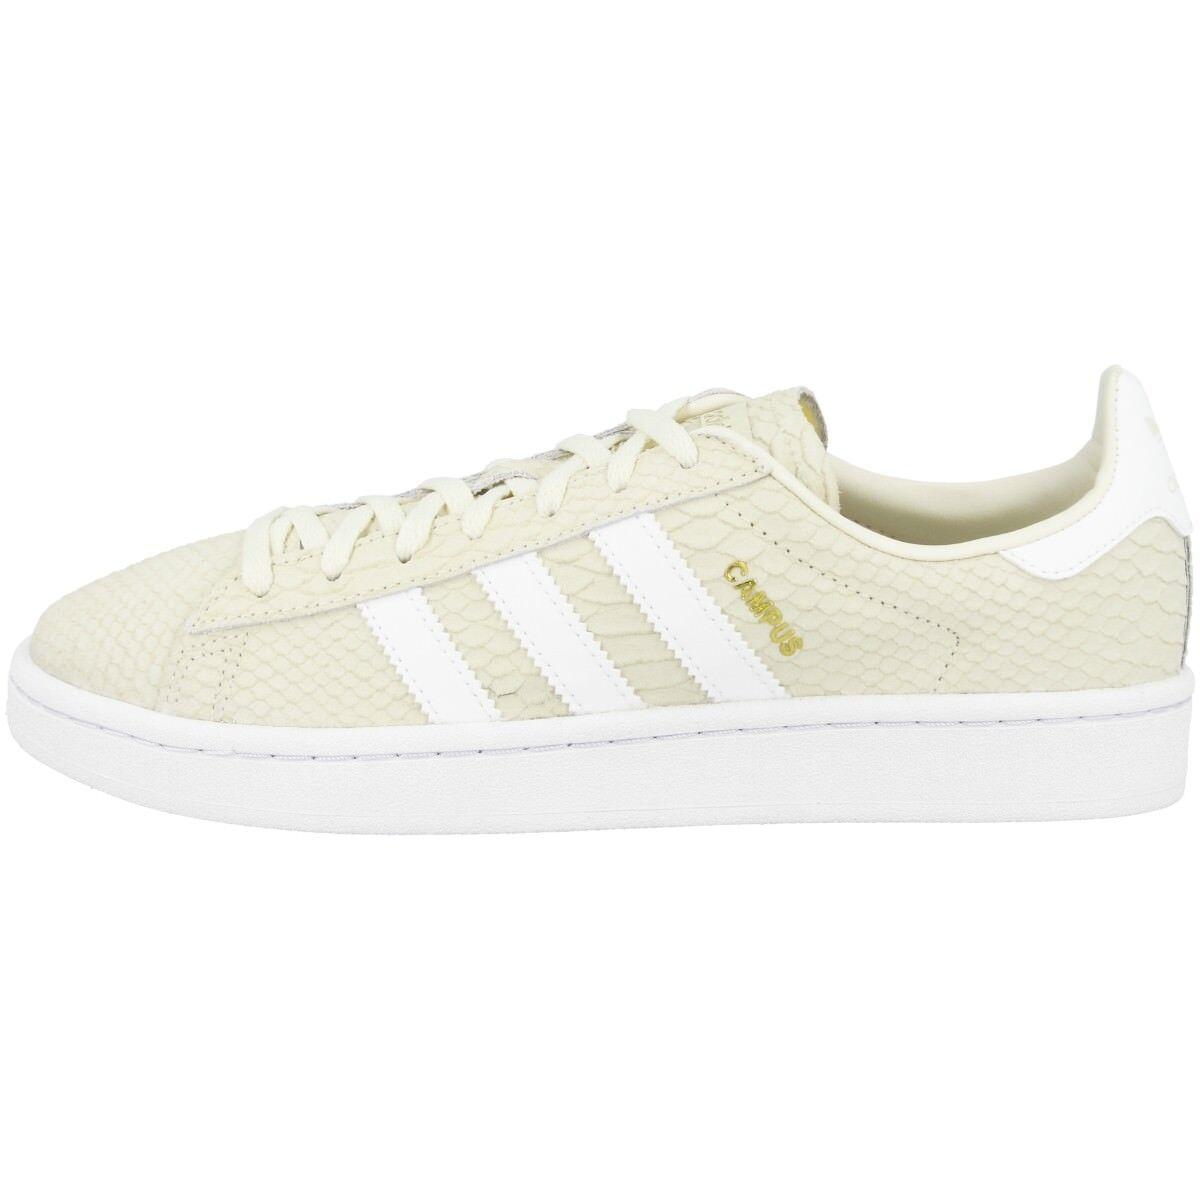 Adidas campus zapatos woman original sport zapatilla de deporte retro Cream blancoo oro